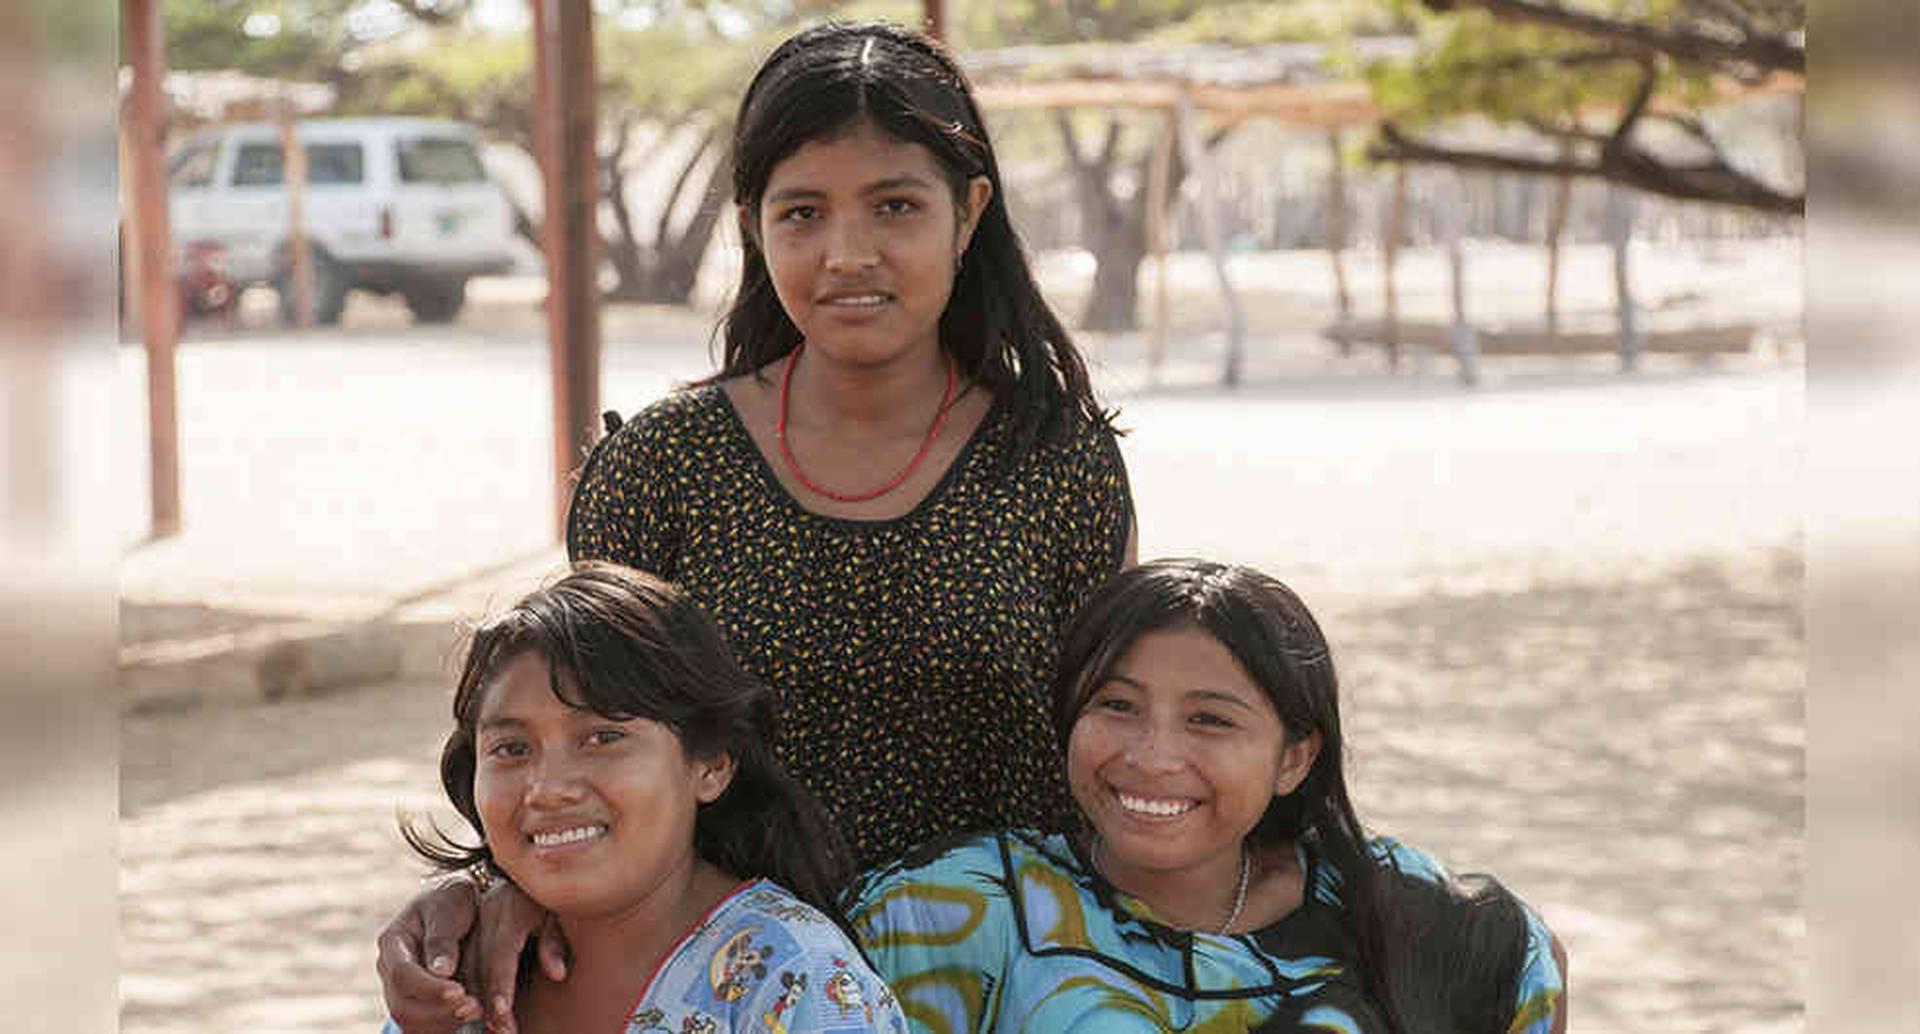 El desarrollo empresarial en las zonas costeras de La Guajira debe incluir a las comunidades.